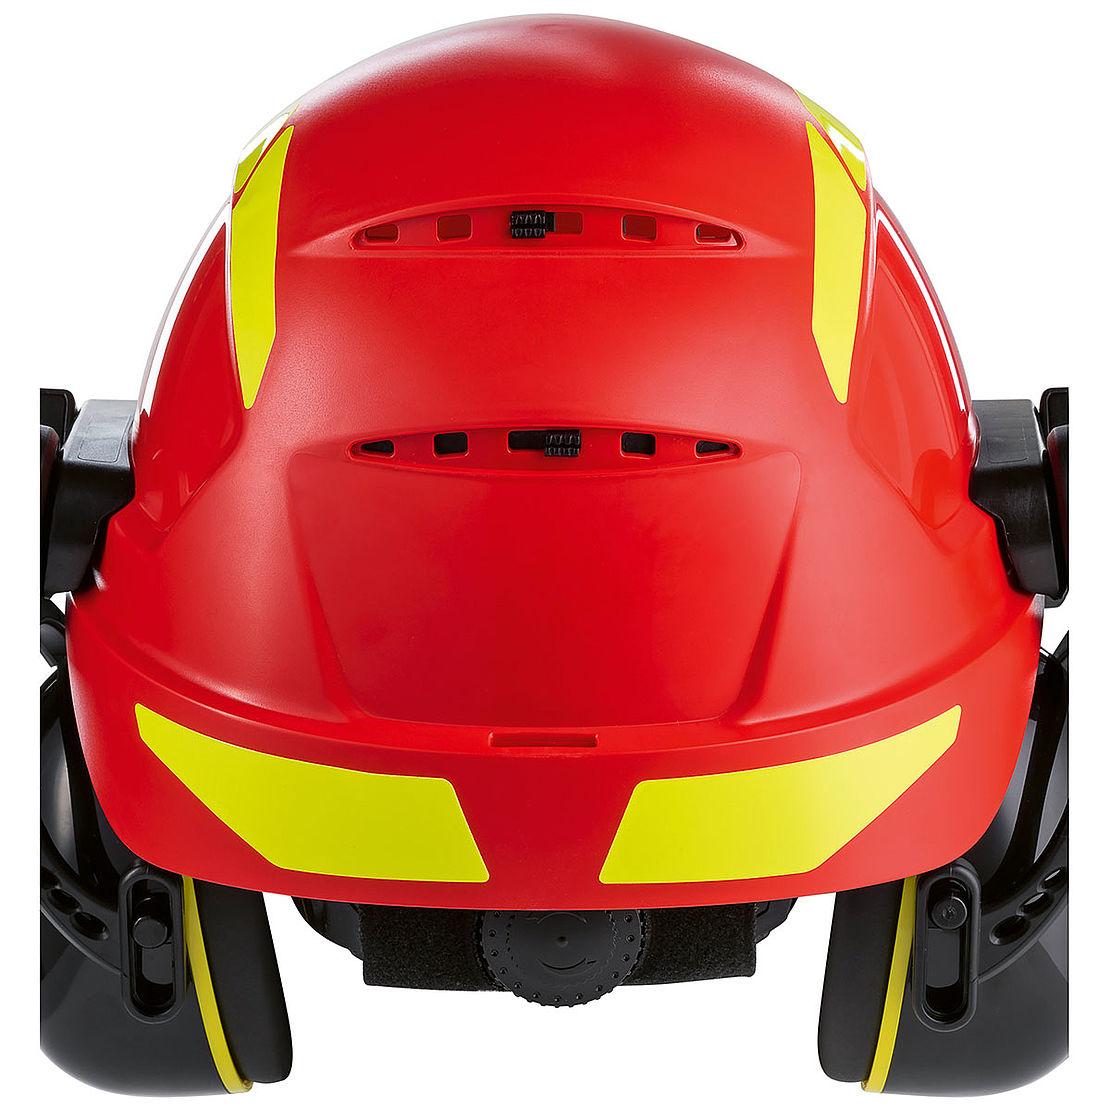 czerwony kask ochronny z wlotami powietrza